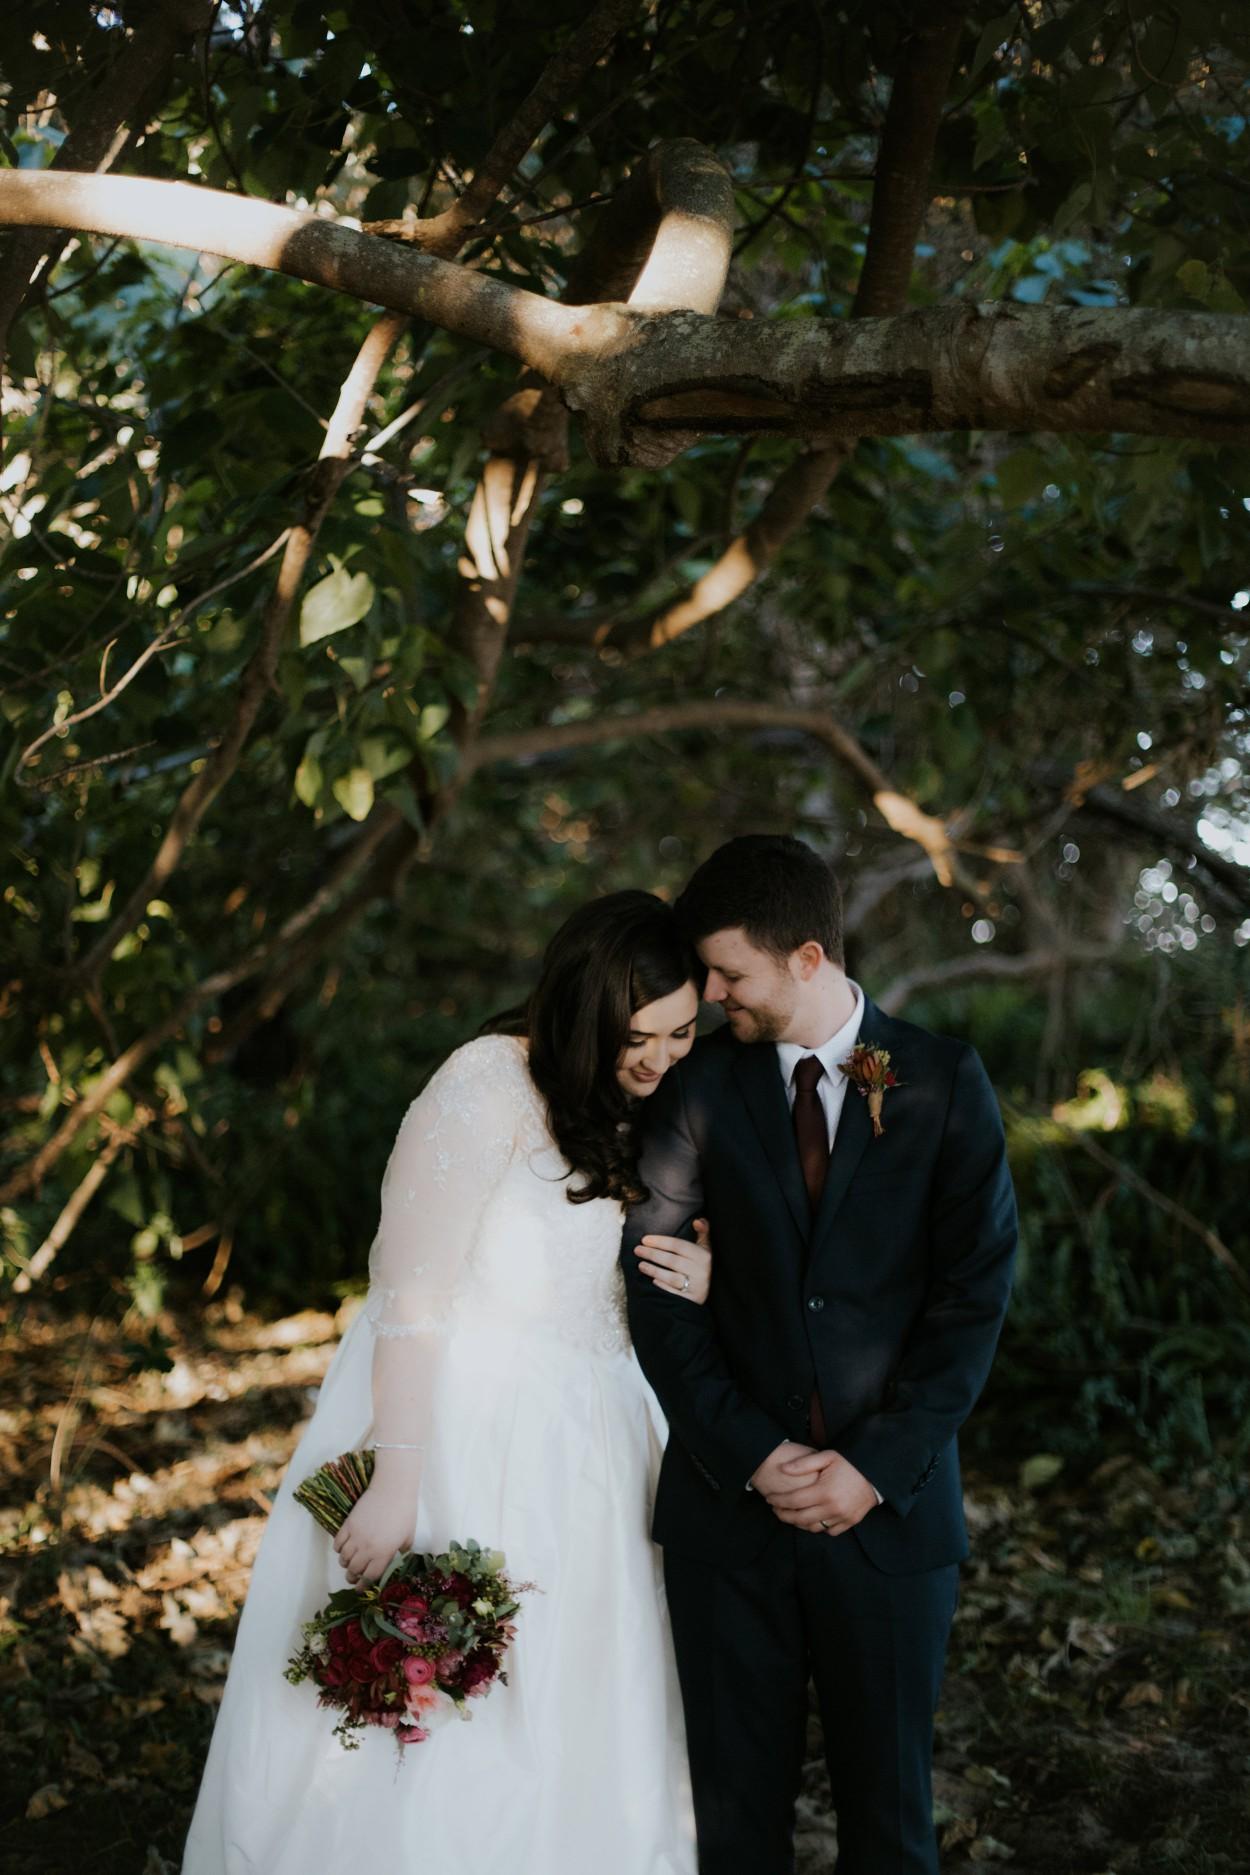 I-Got-You-Babe-&-Co.-Wedding-Photographers-Jazza006.jpg